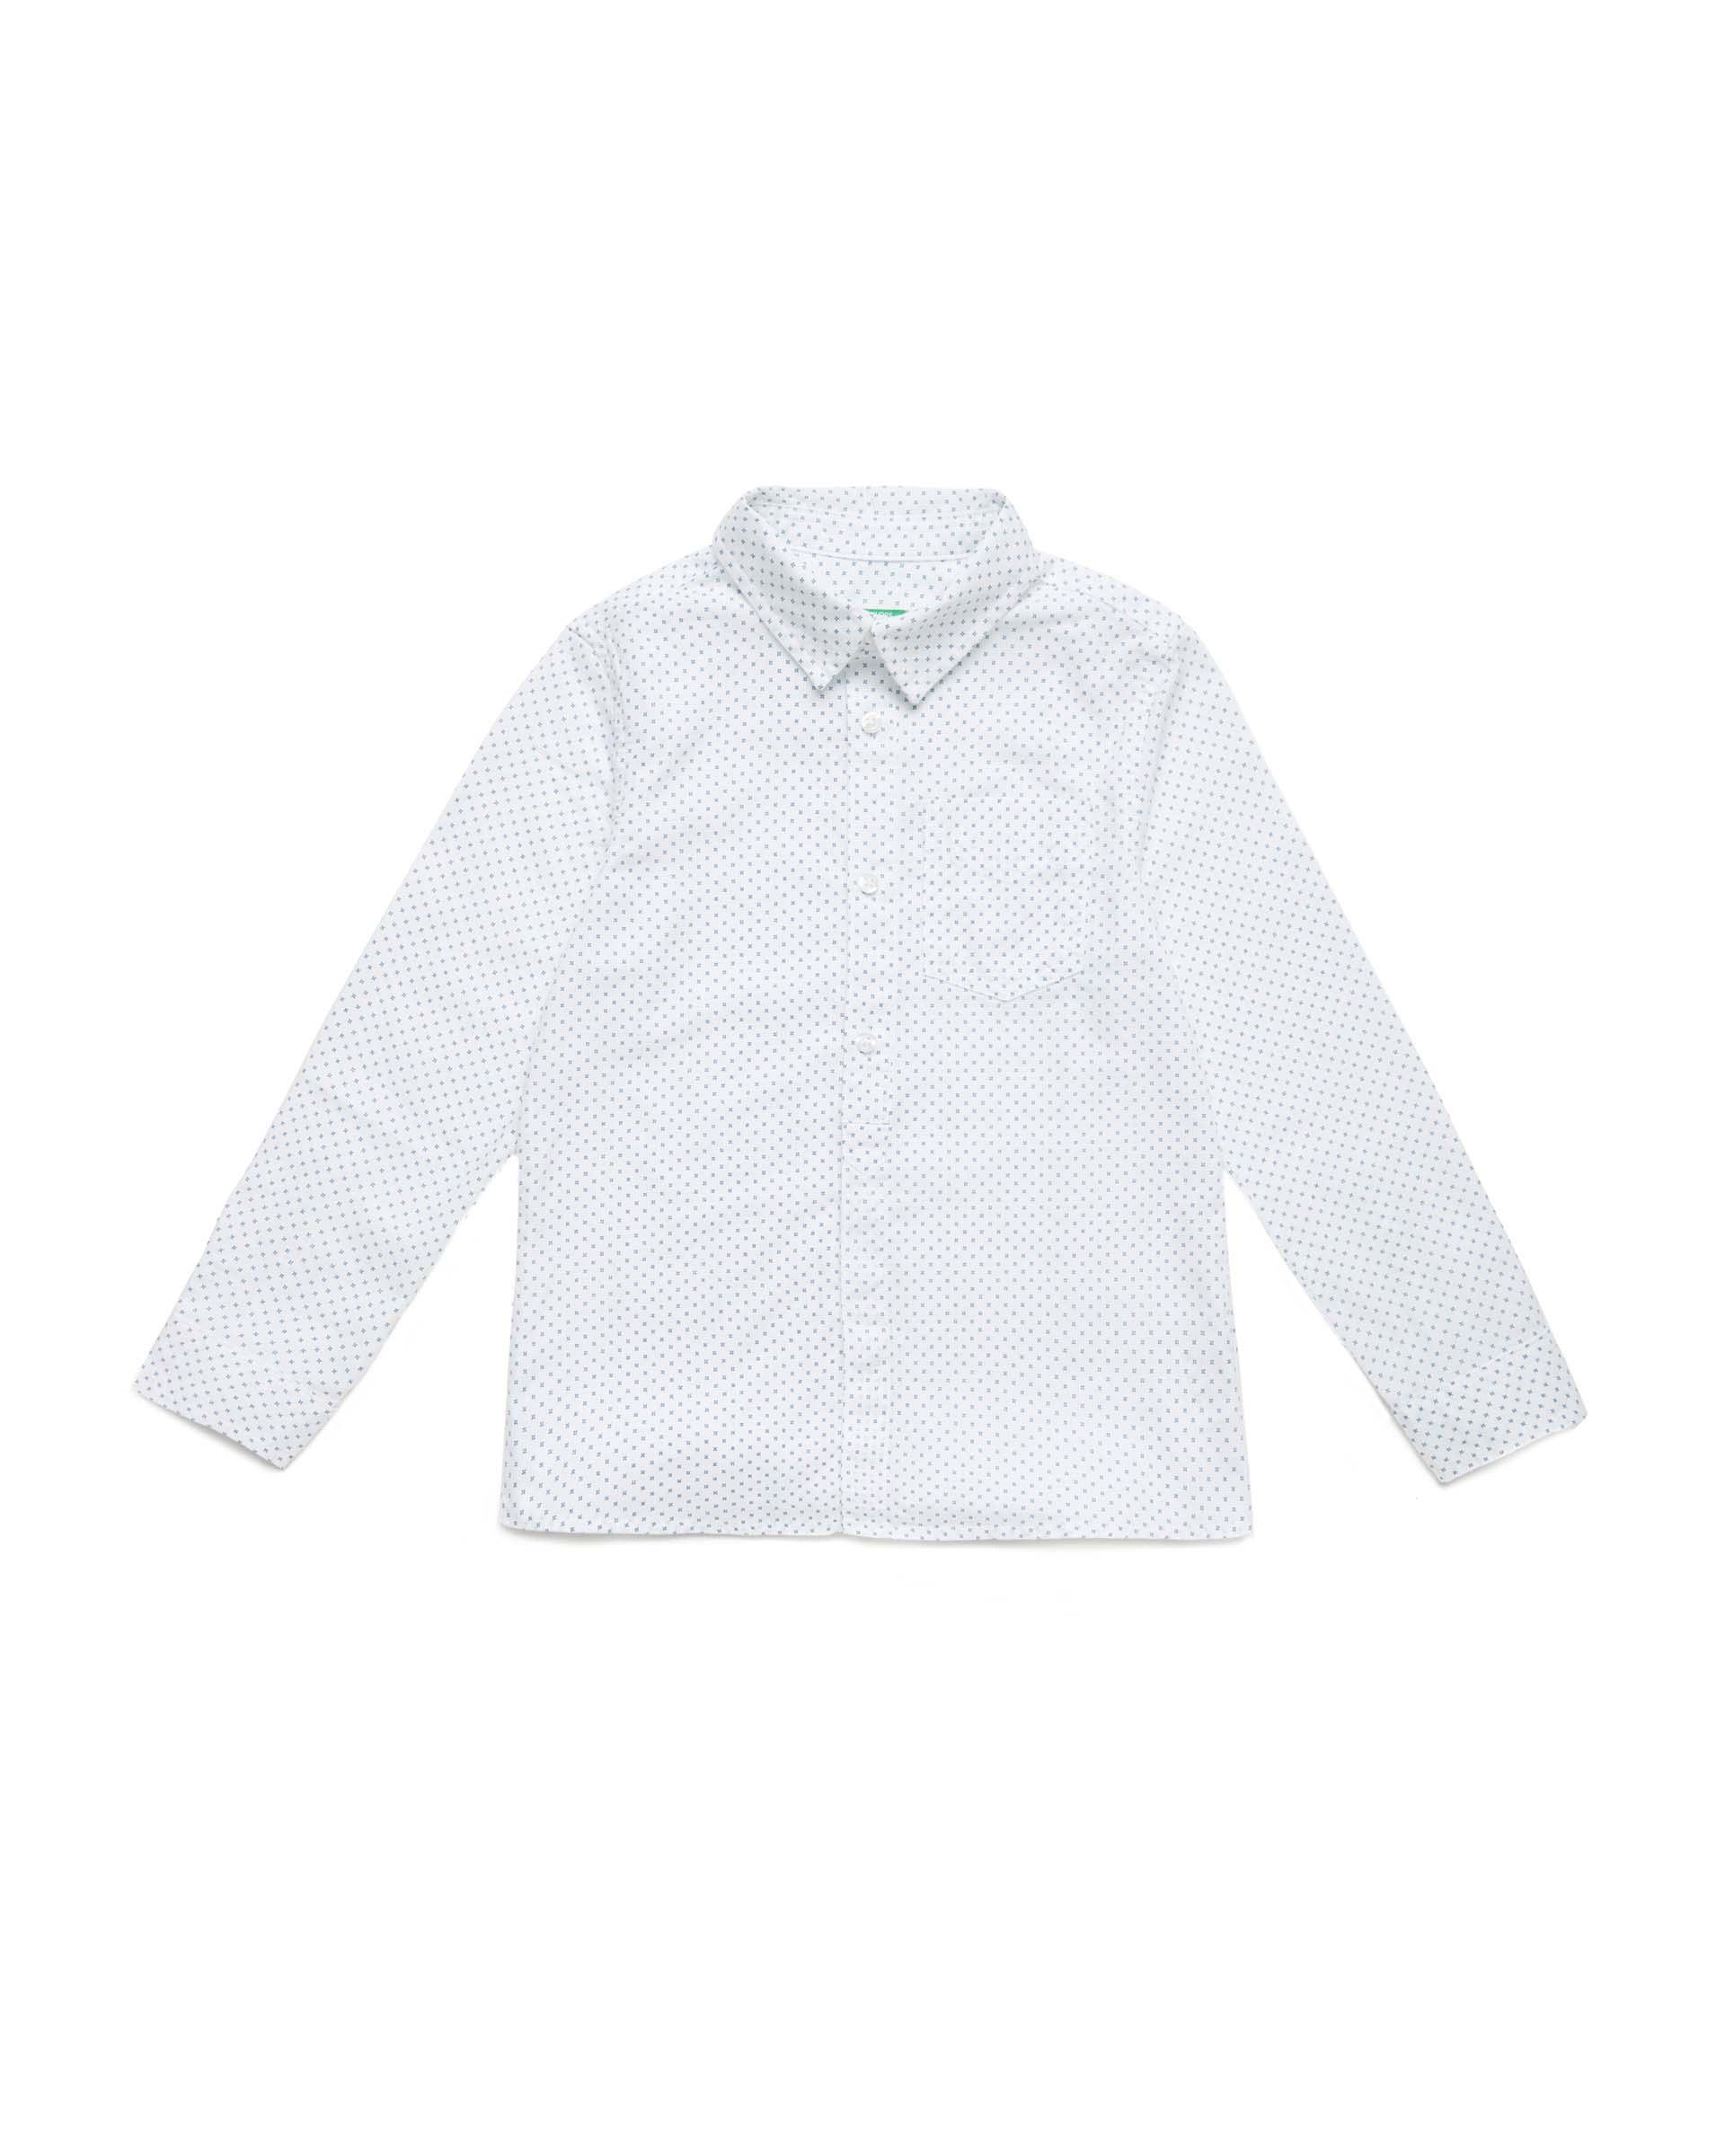 Купить 20P_5PA35QH90_902, Рубашка для мальчиков Benetton 5PA35QH90_902 р-р 122, United Colors of Benetton, Рубашки для мальчиков